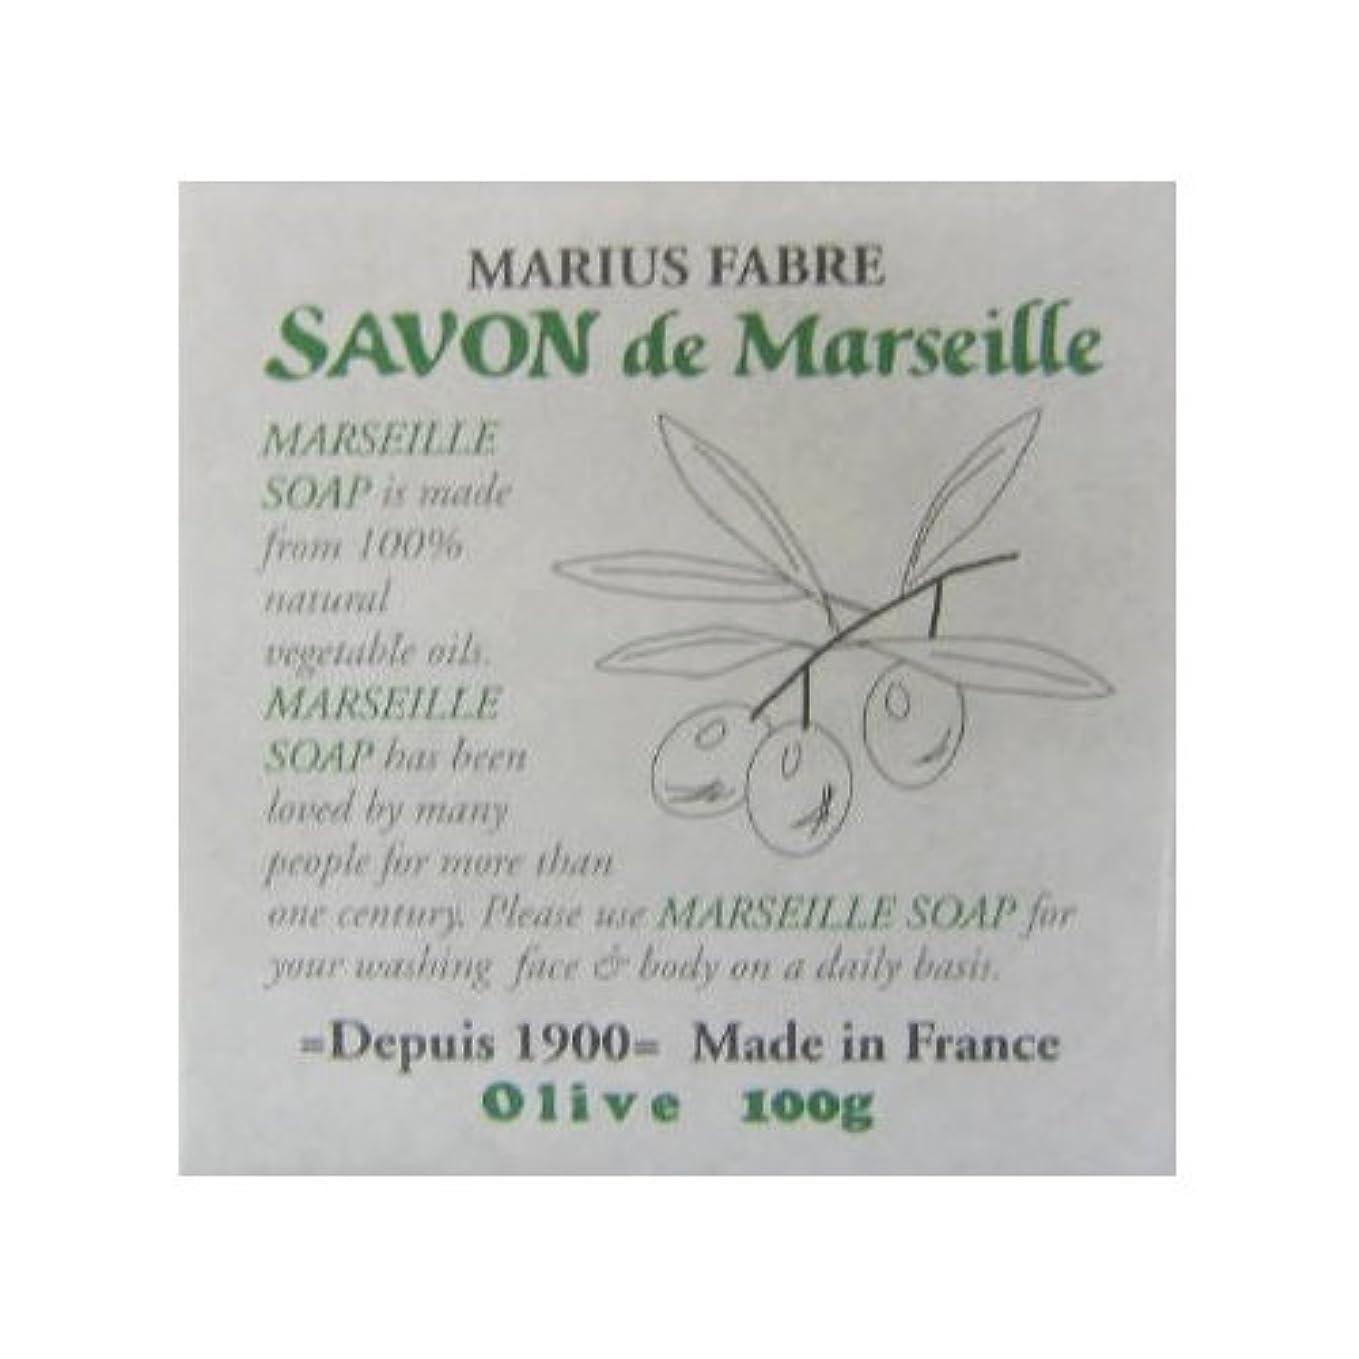 物思いにふける禁止無効サボン ド マルセイユ オリーブ 100g